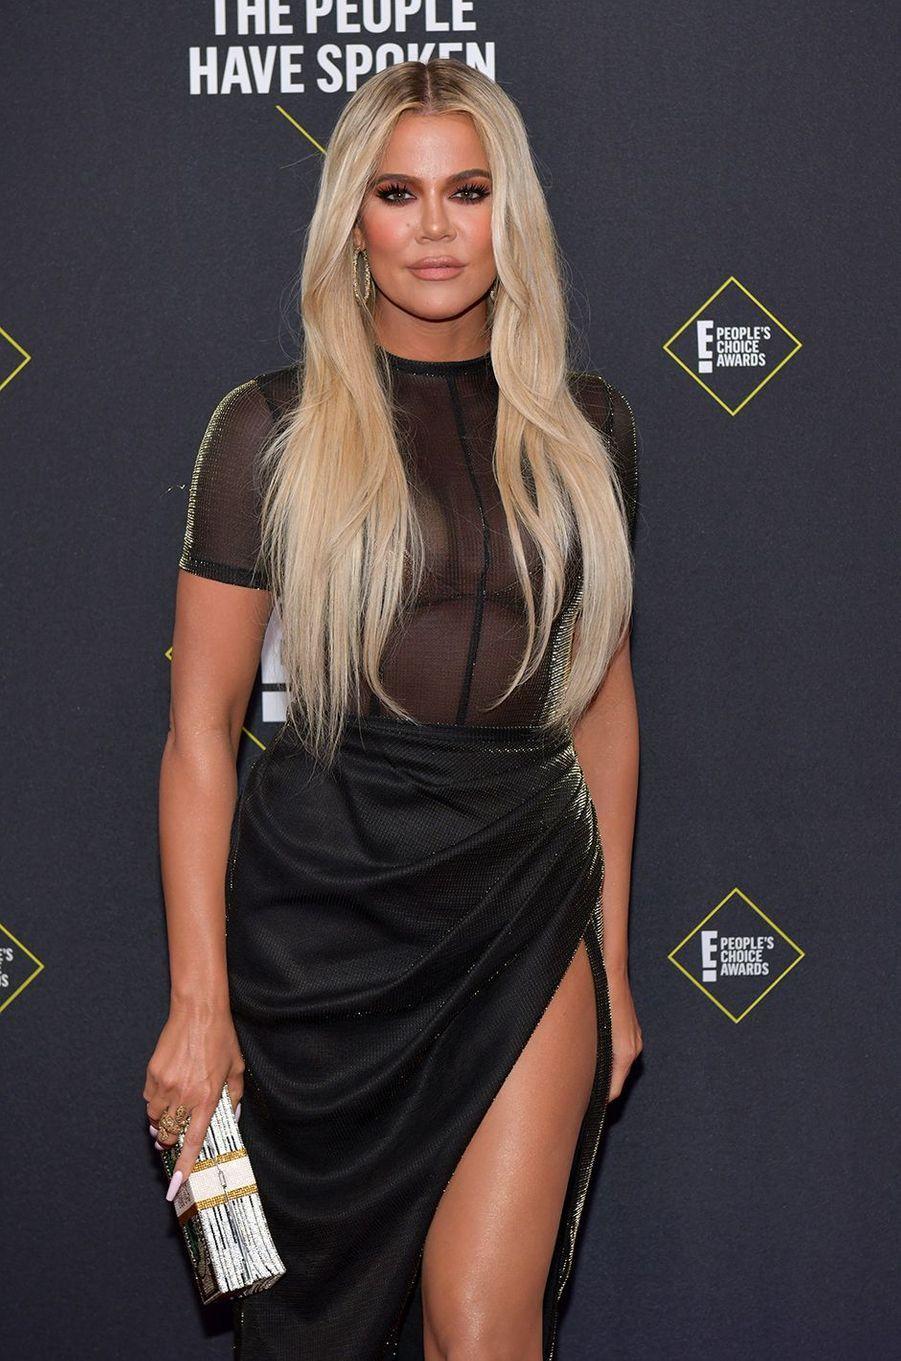 15 - Khloé Kardashian.Nombre d'abonnés (en date d'octobre 2020) : 122 millions. Ce qu'elle gagne pour une publication sponsorisée : 608.000 dollars.